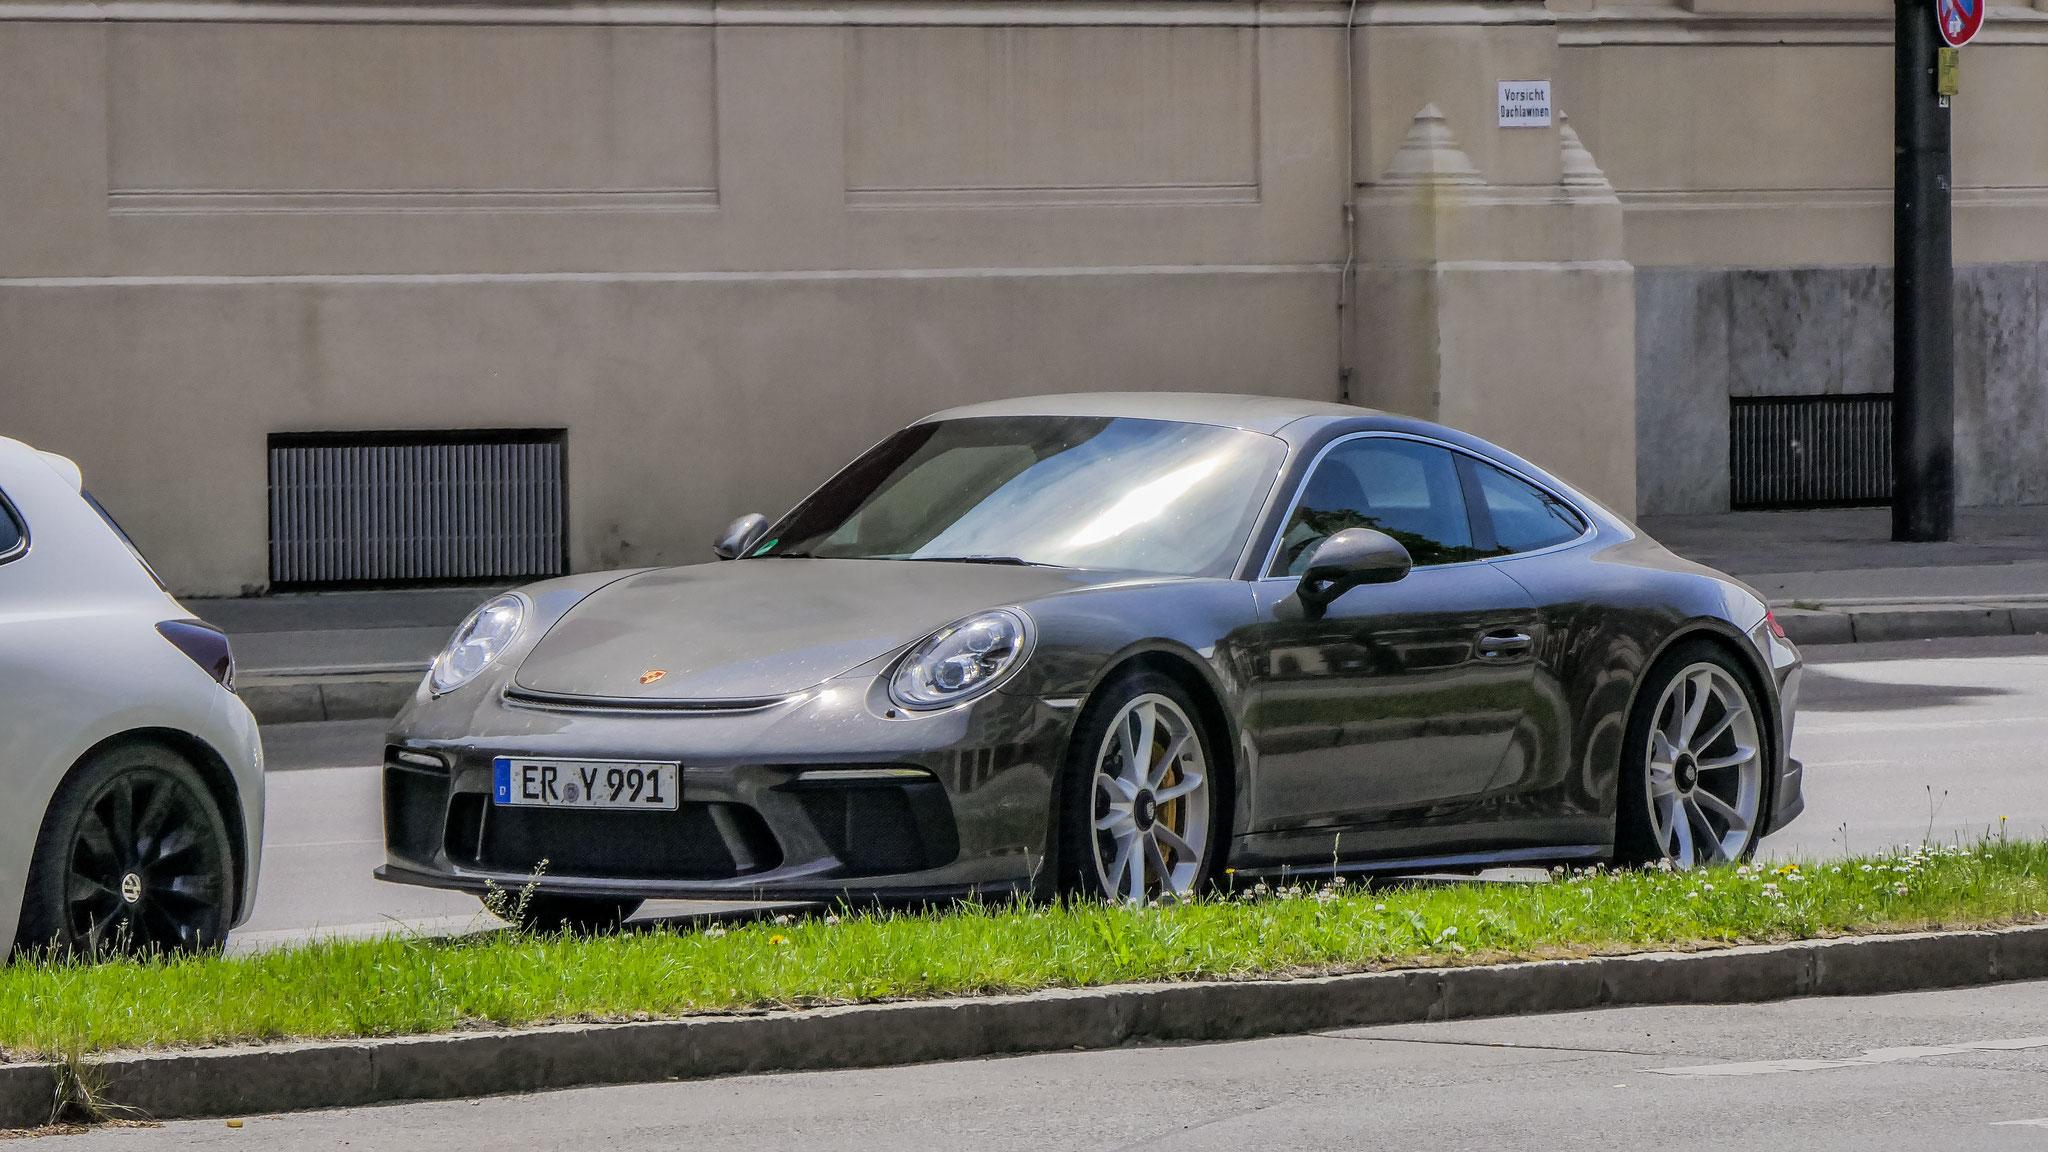 Porsche 991 GT3 Touring Package - ER-Y-991